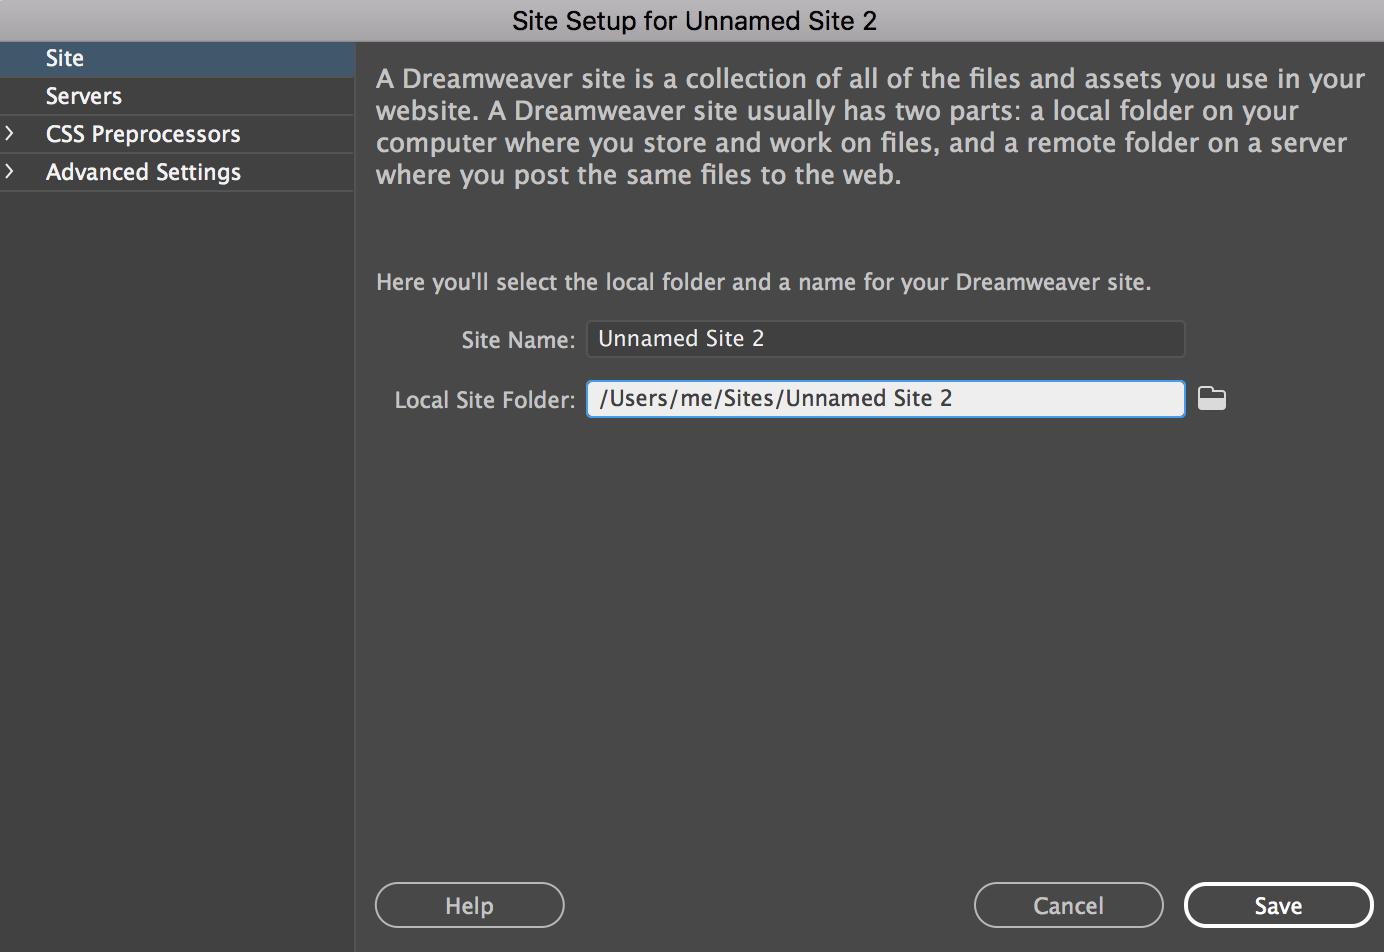 Adding a new site in dreamweaver